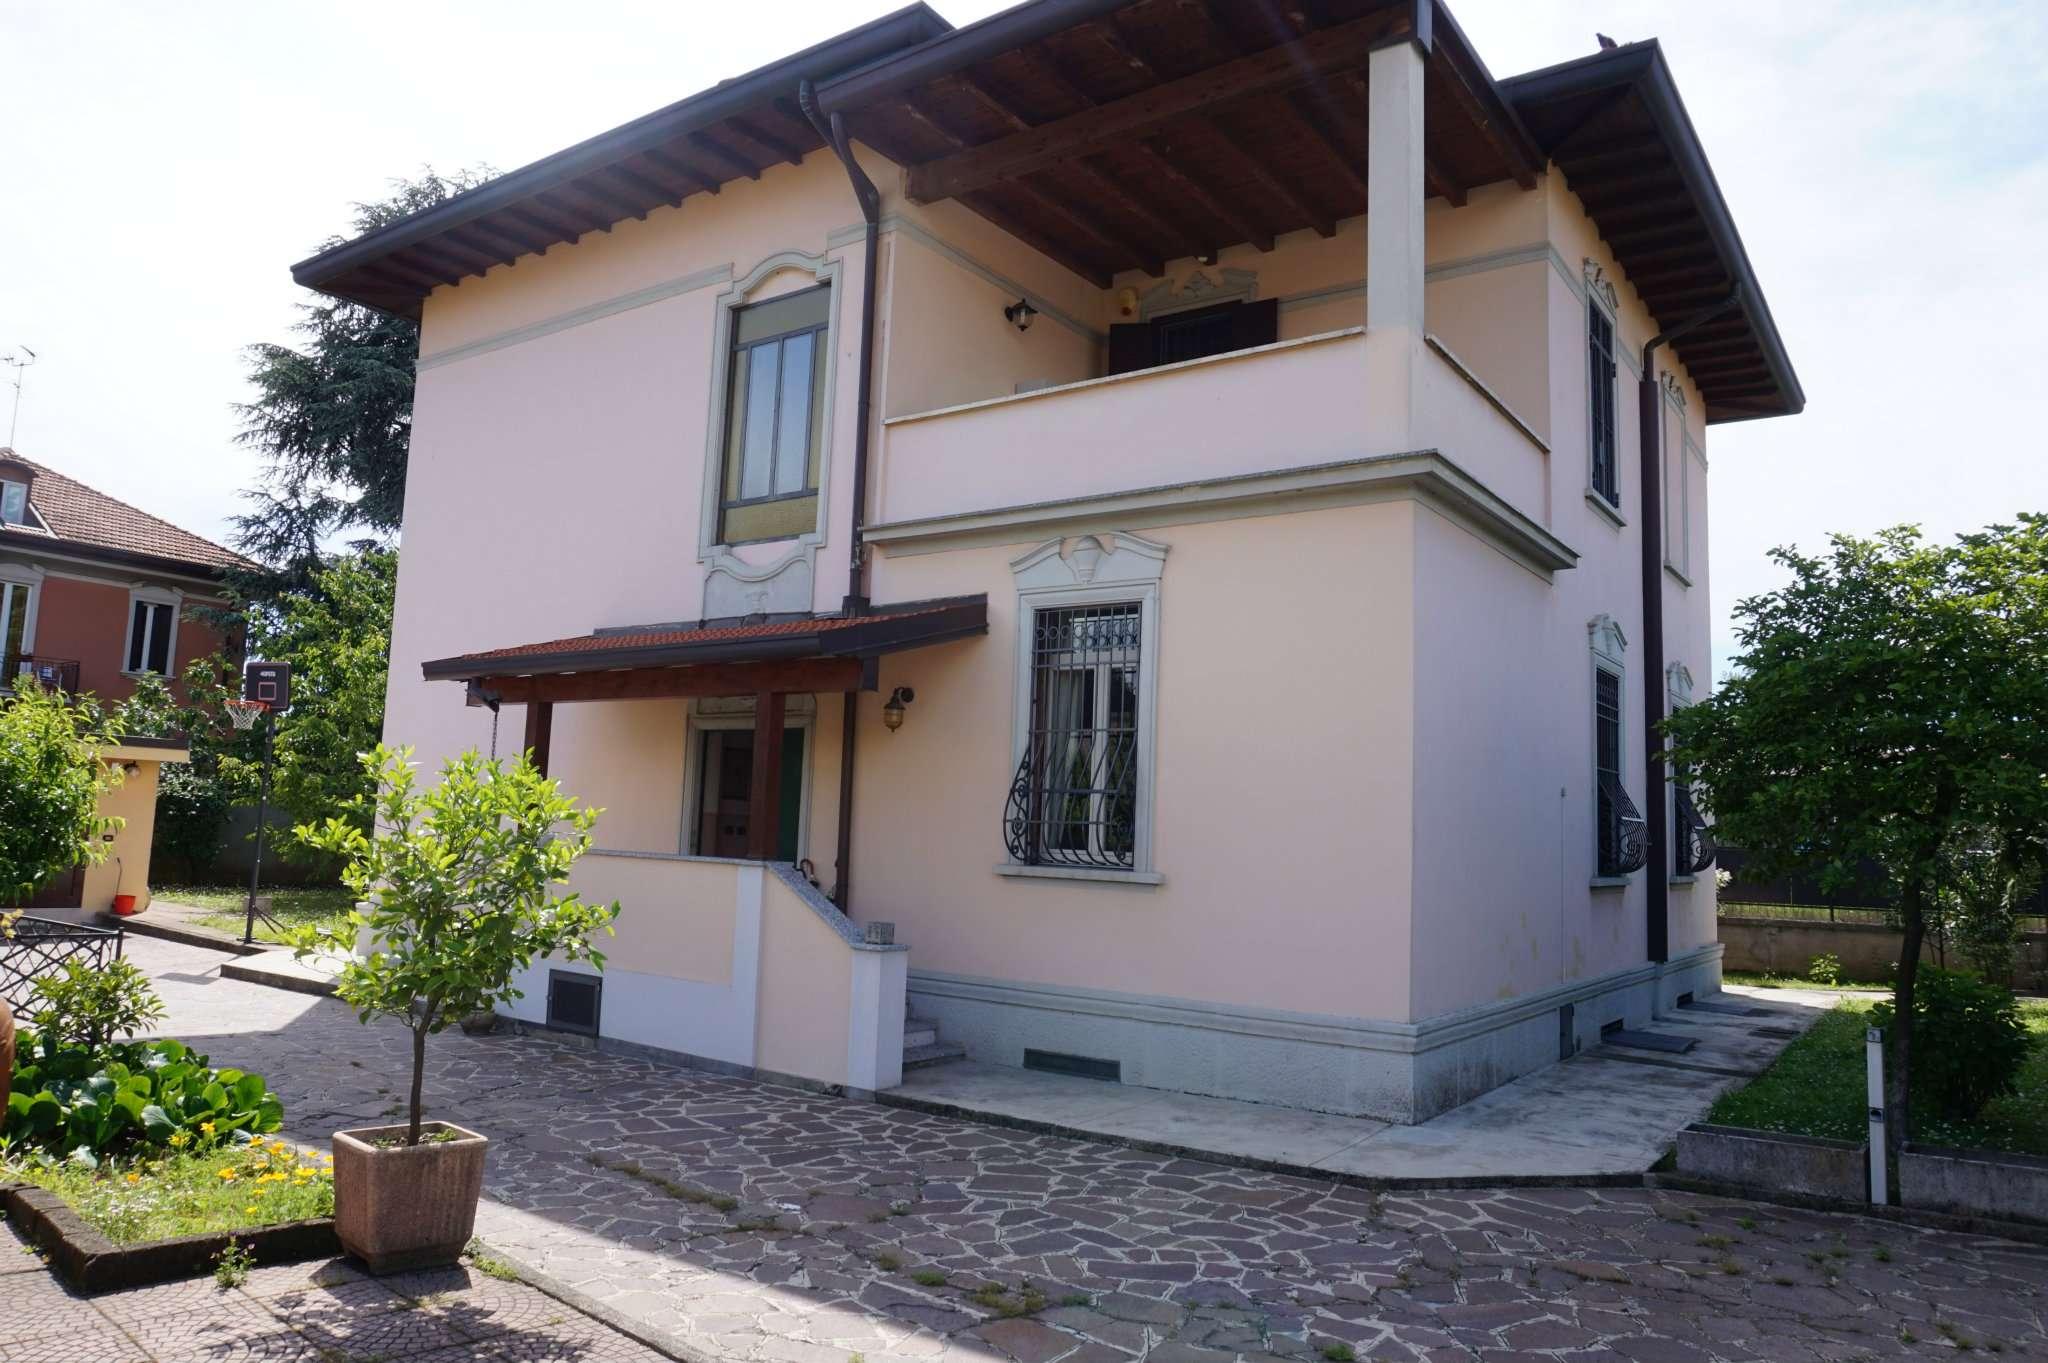 Villa in vendita a Monza, 6 locali, zona Zona: 6 . Triante, San Fruttuoso, Taccona, prezzo € 1.290.000 | CambioCasa.it